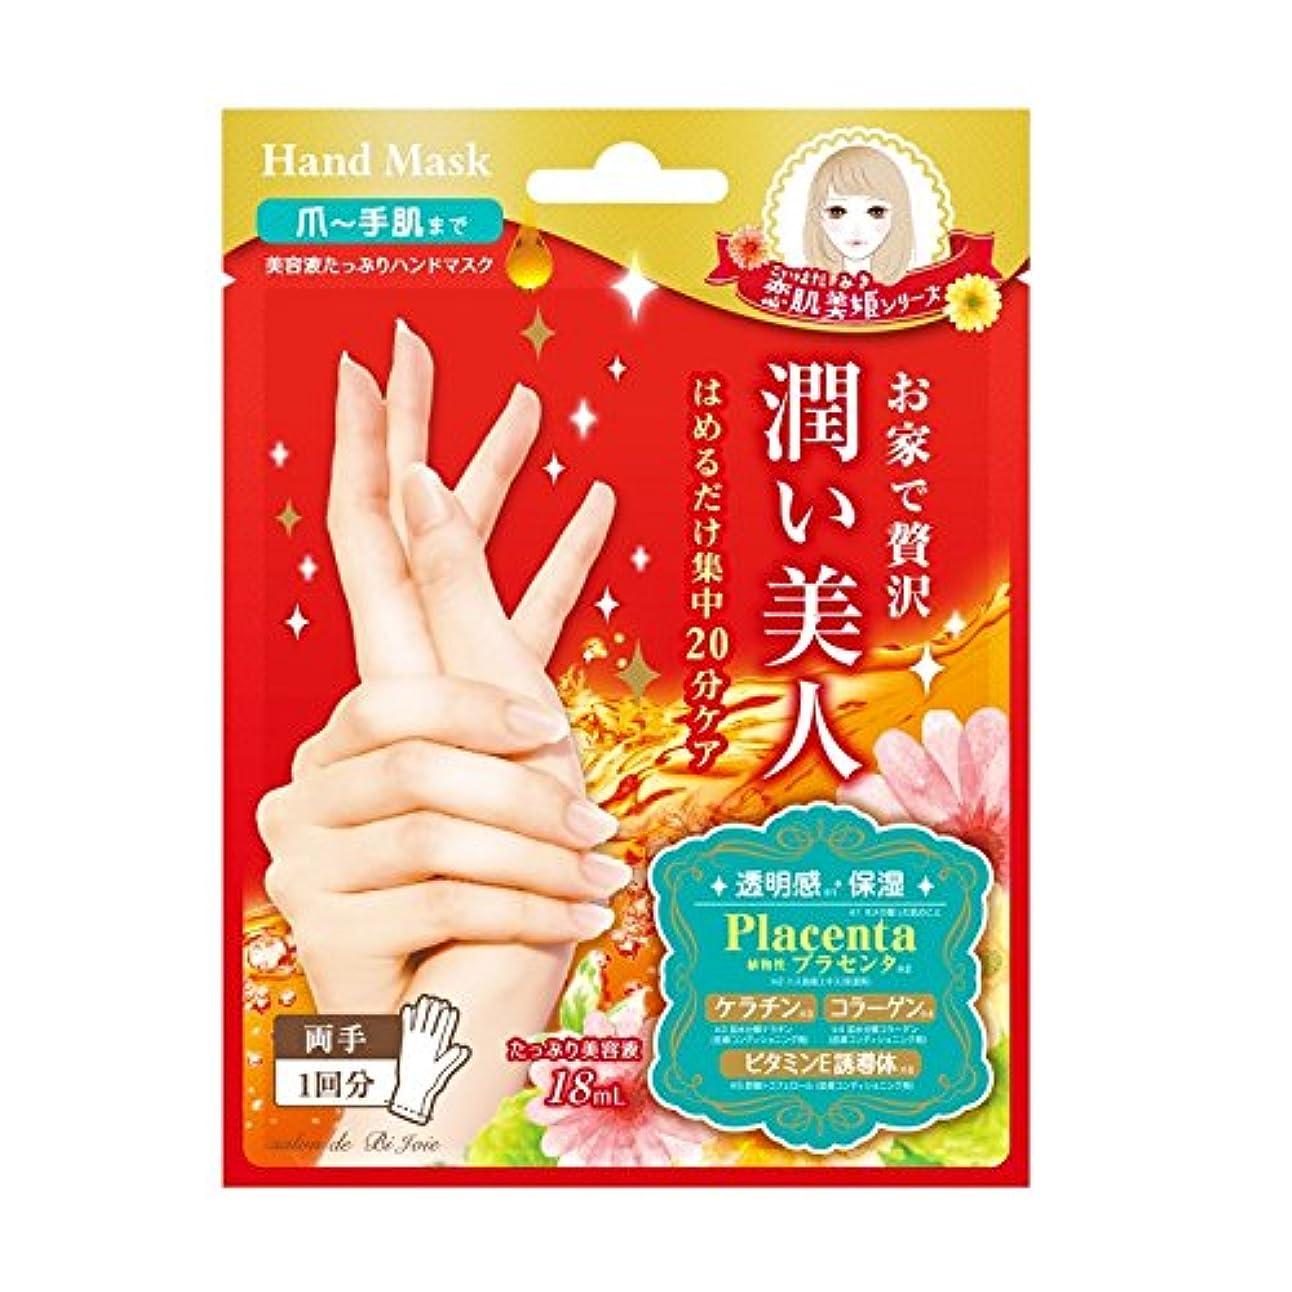 ラッシュミサイルローブBJ 潤いハンドマスク (美容液18mL/1回分)